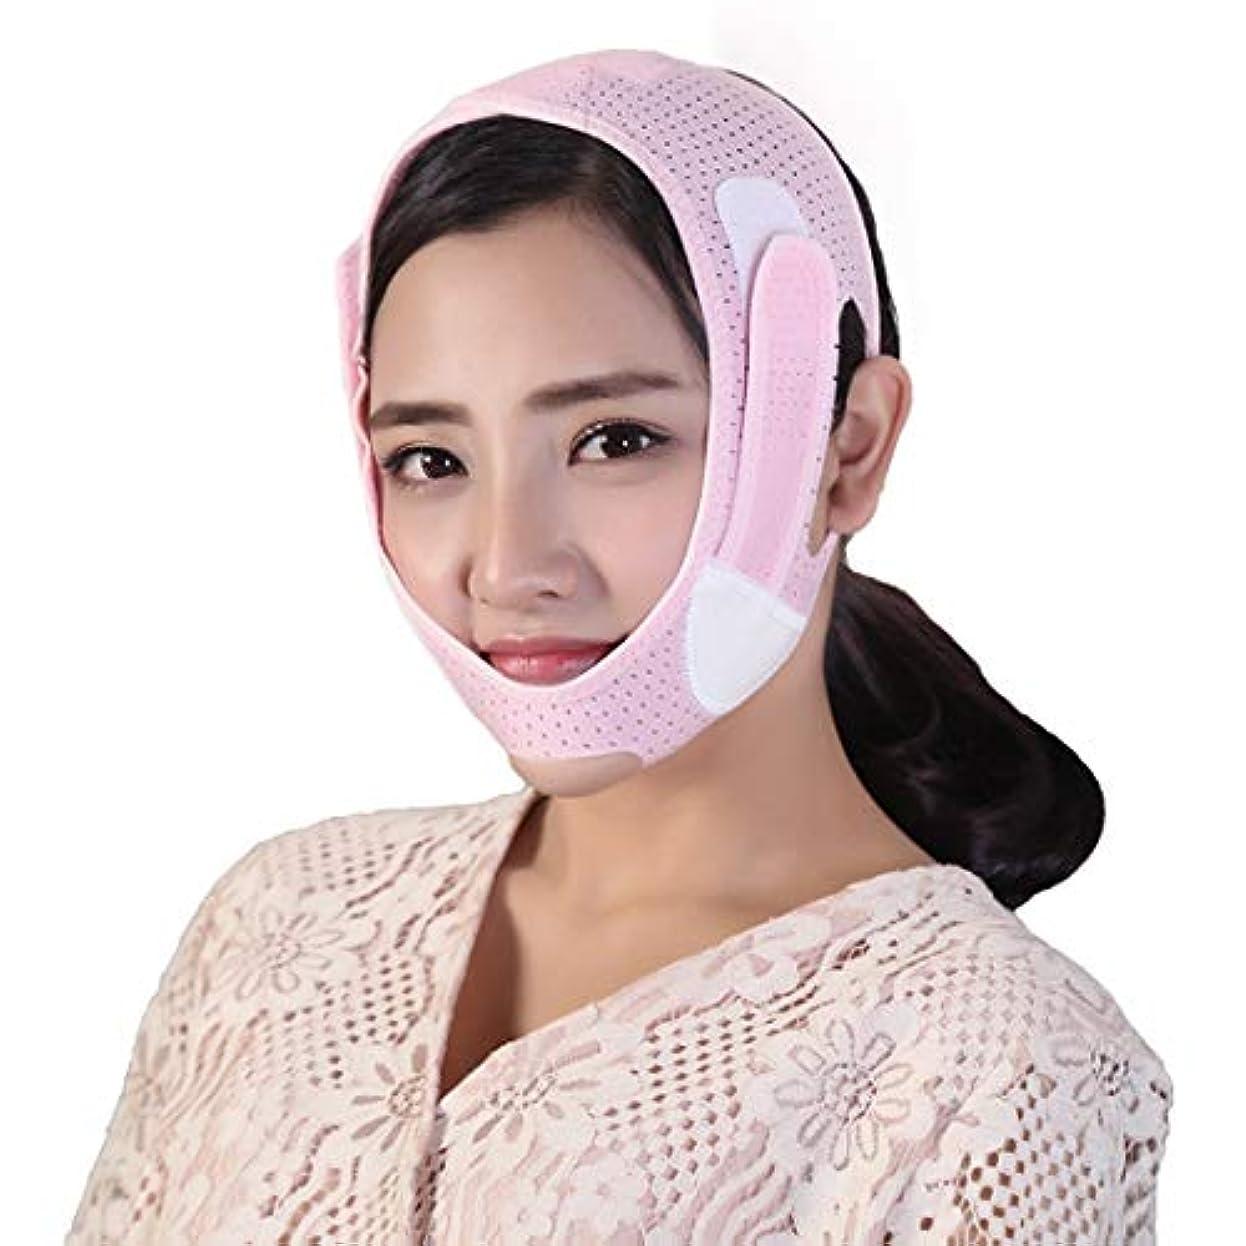 反対した狂人役割ZWBD フェイスマスク, フェイスリフティングマスクマスク包帯小v顔アーティファクトマスクリフティング二重あご